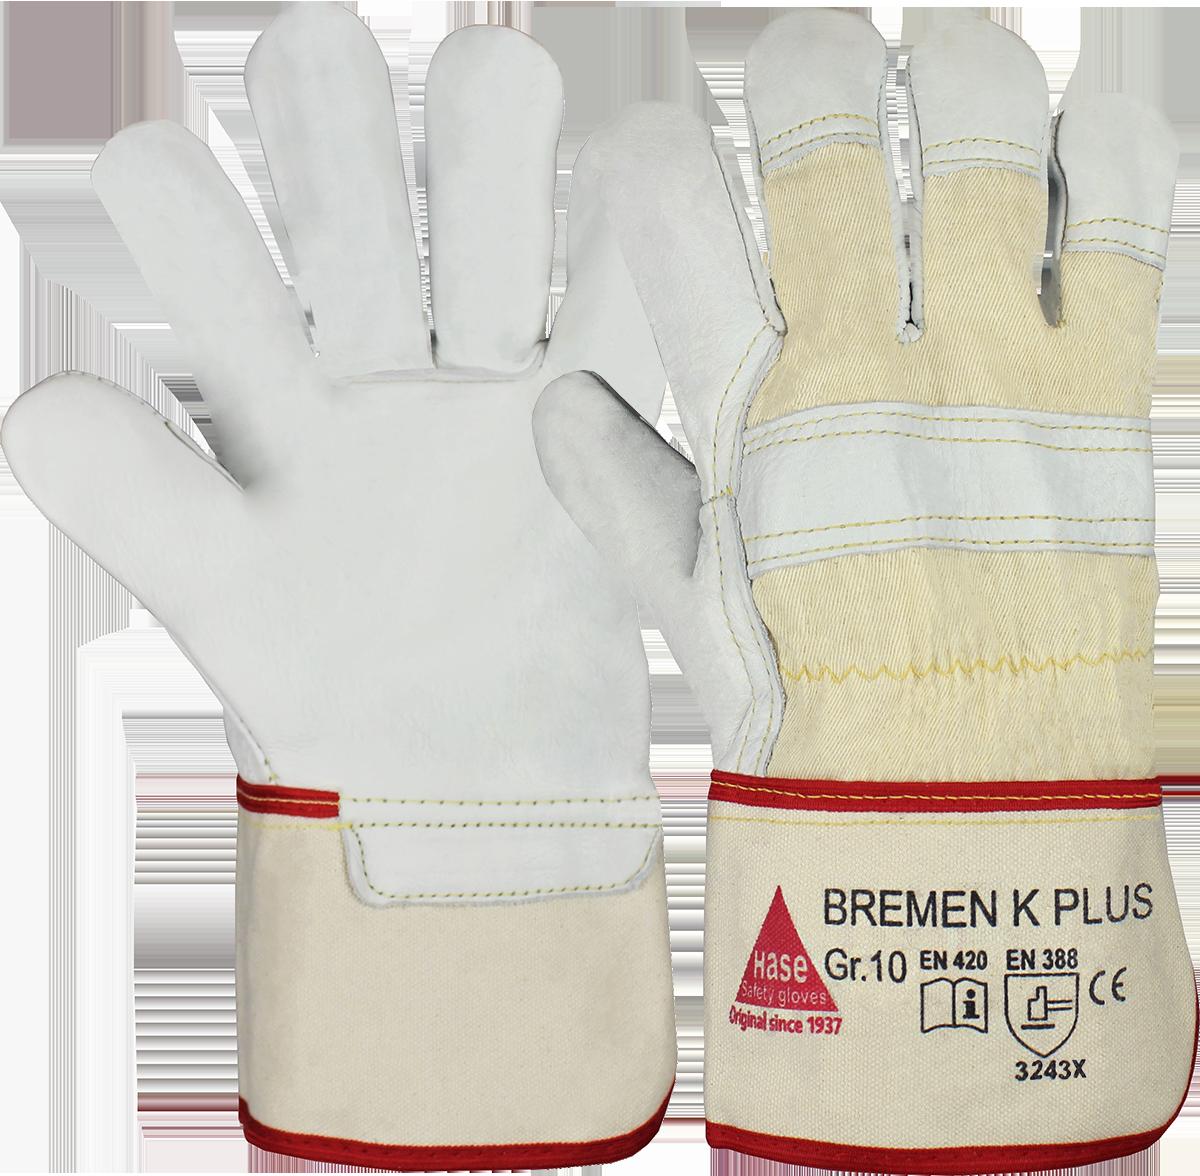 BREMEN-K PLUS, Arbeitshandschuh aus Rindnarbenleder, Größe 10